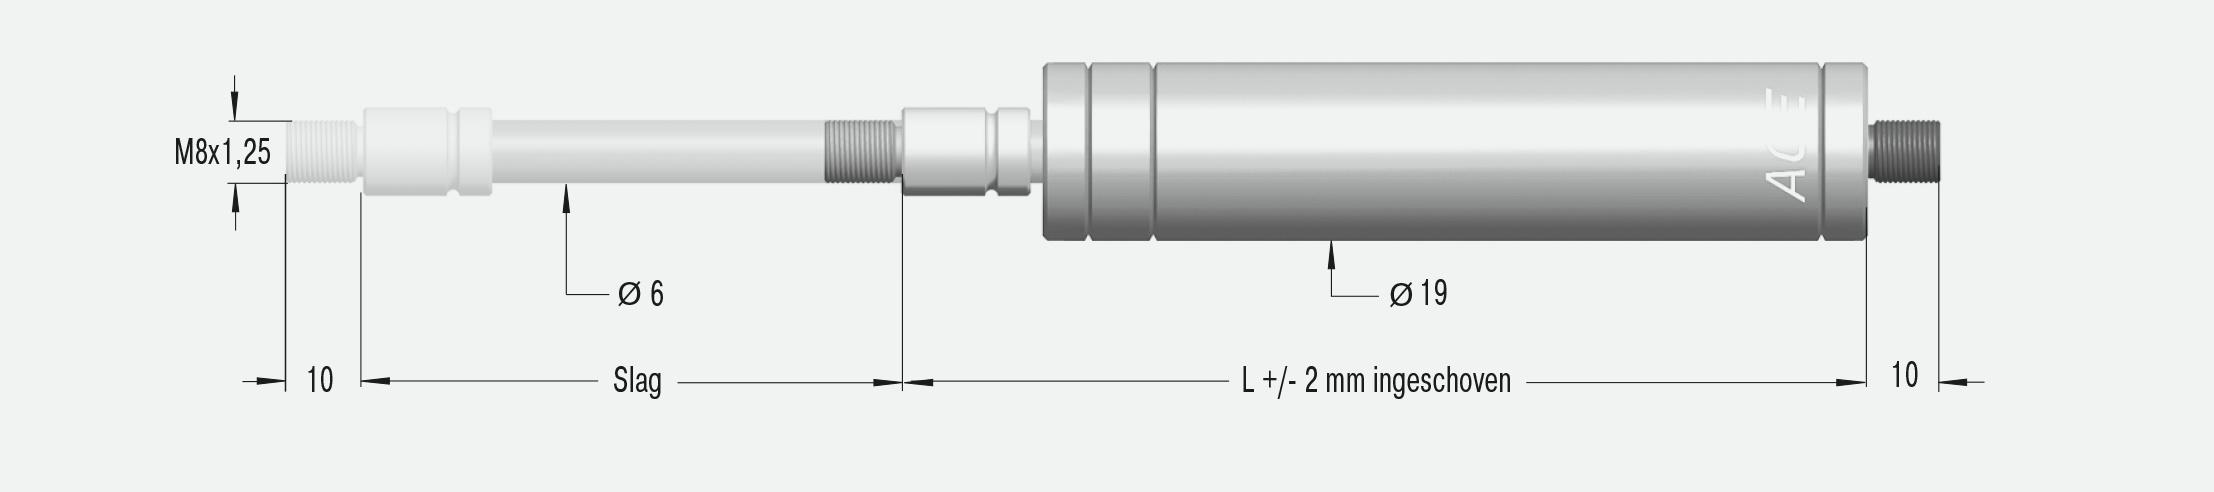 GZ-19-200-V4A